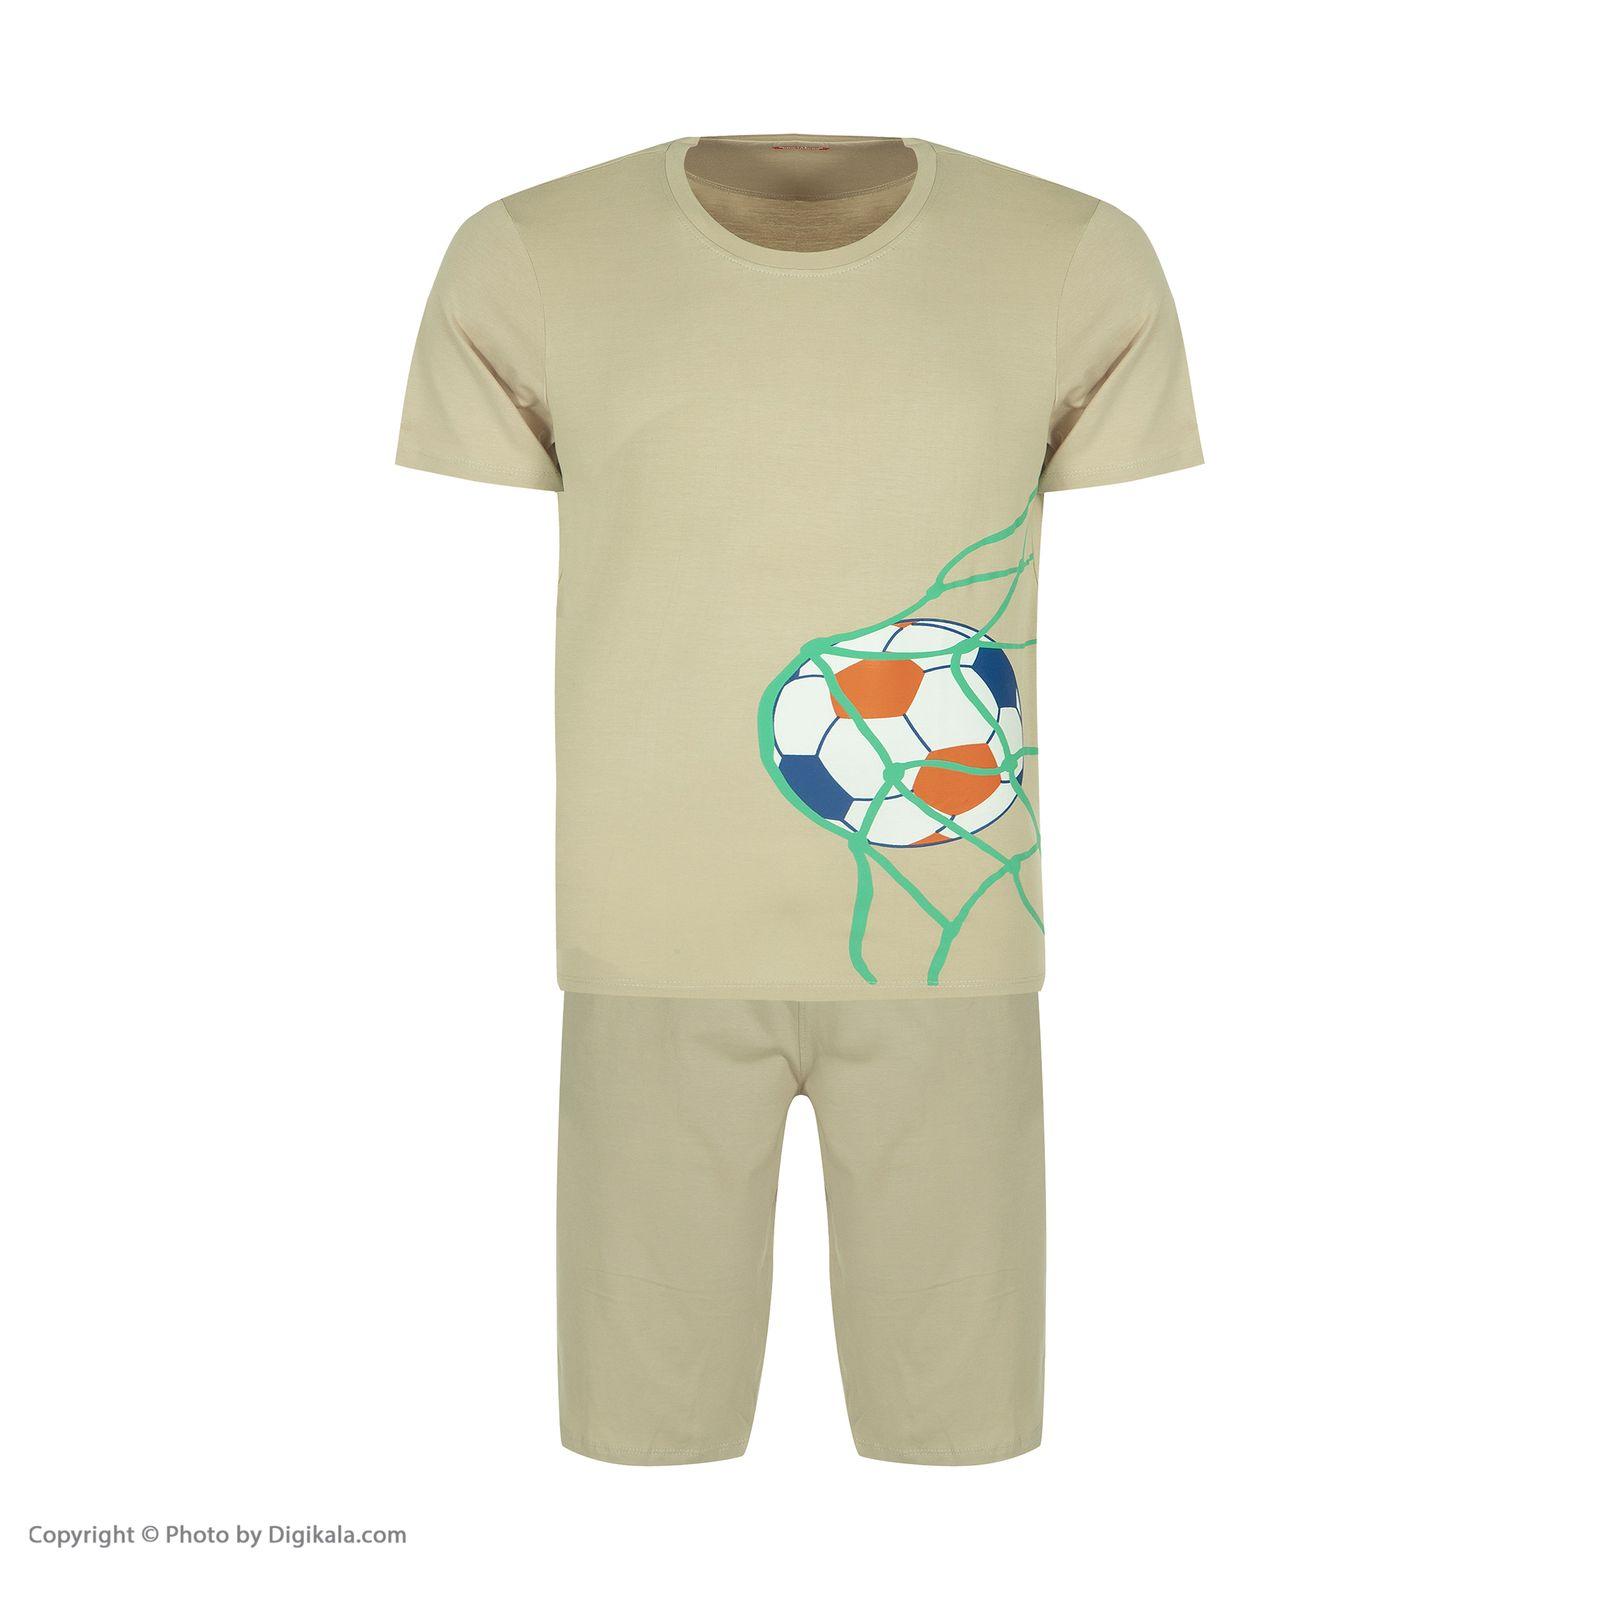 ست تی شرت و شلوارک راحتی مردانه مادر مدل 2041109-07 -  - 3